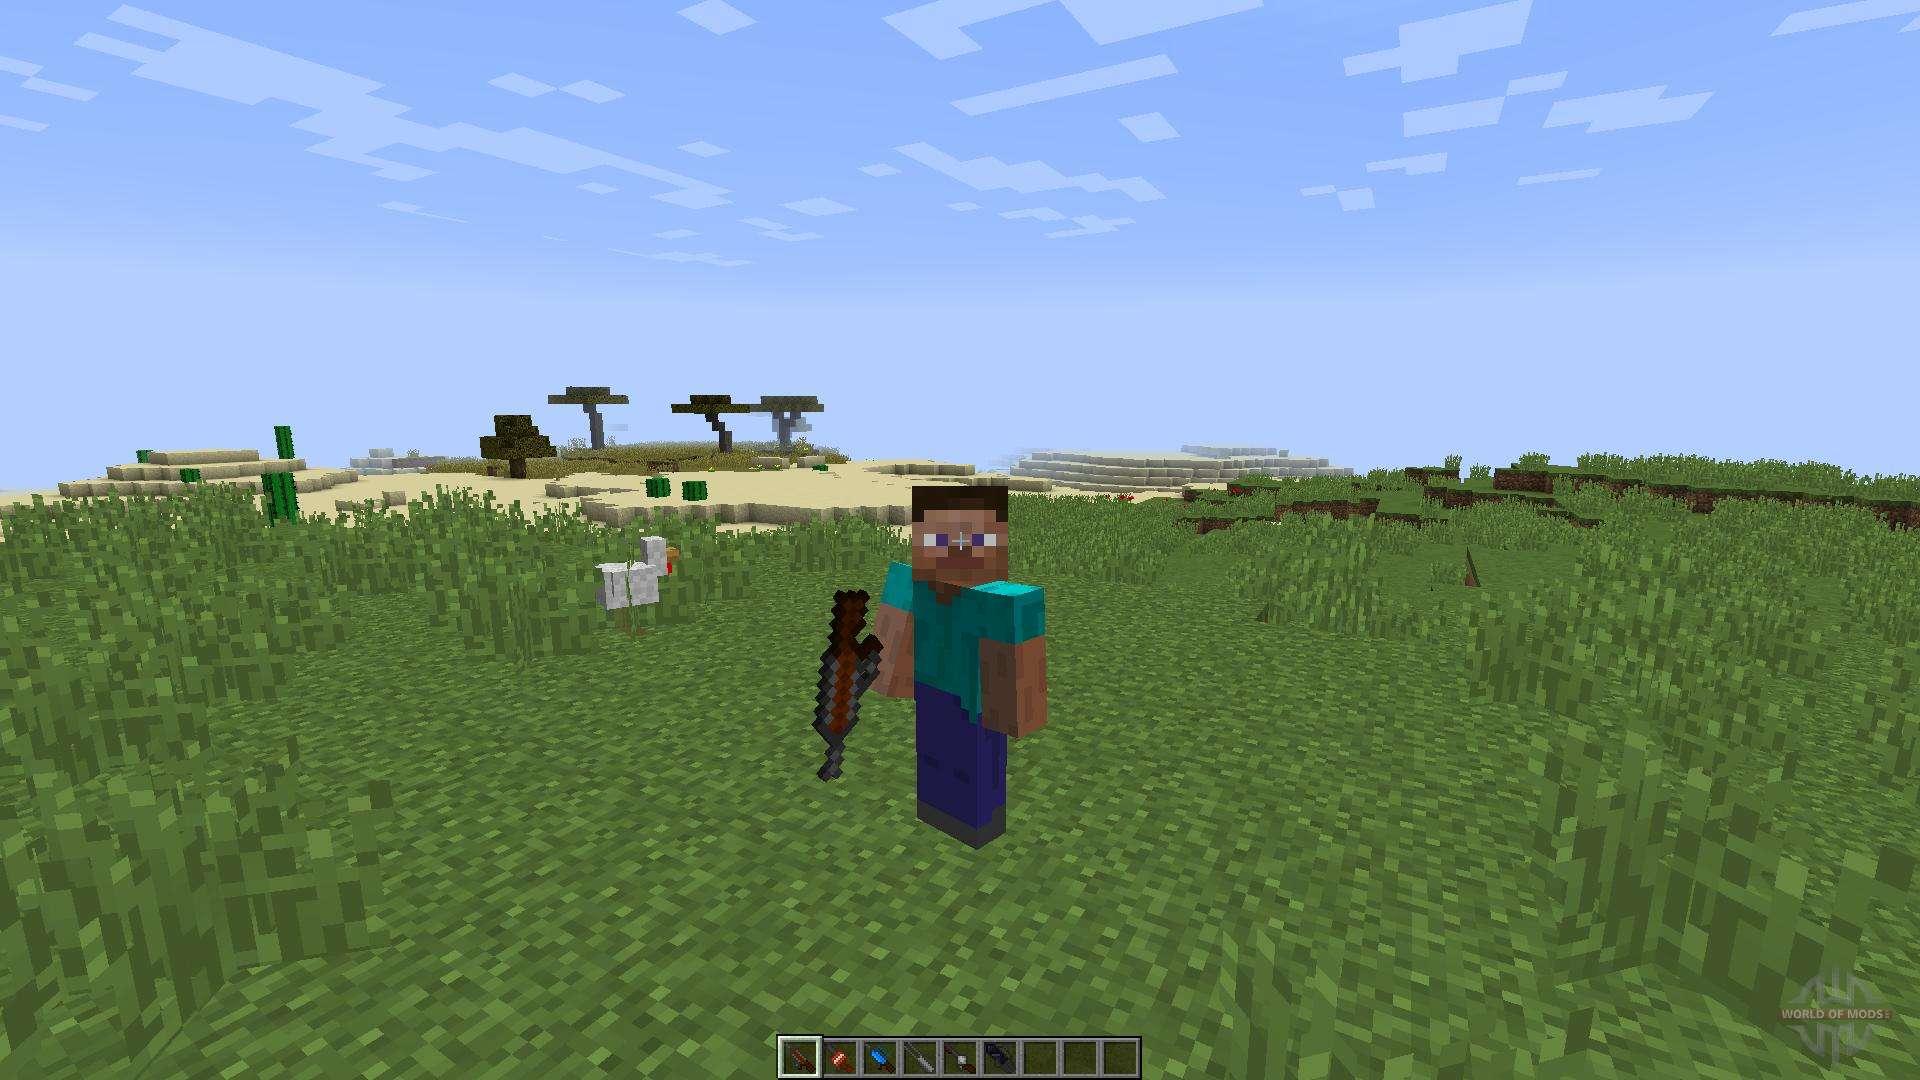 Como jugar minecraft online gratis sin descargar nada sin ...